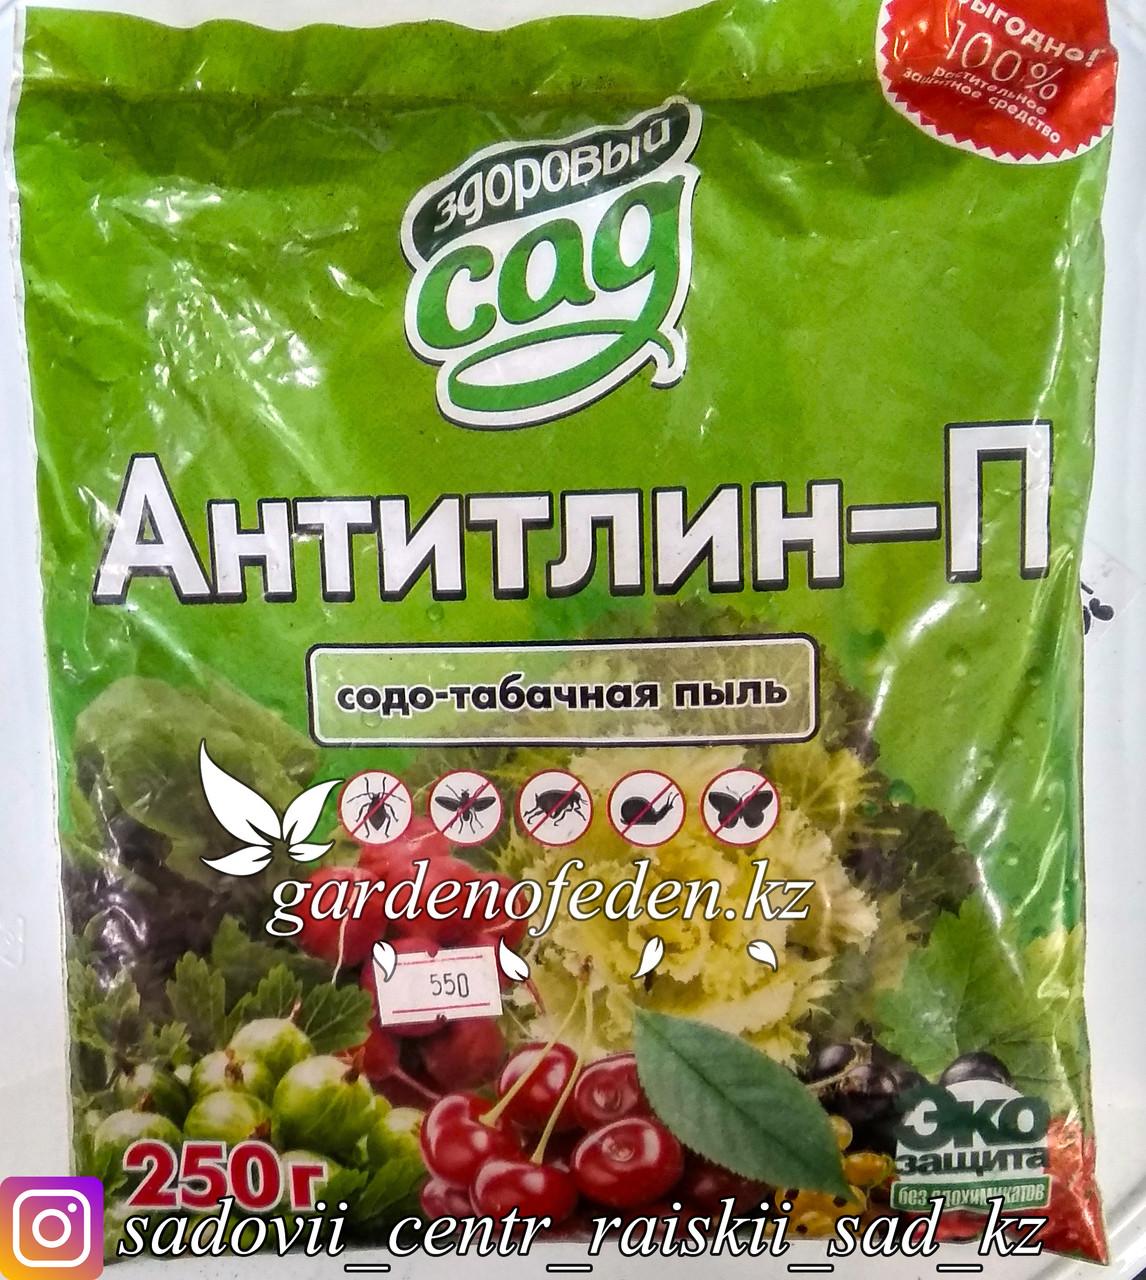 Антилин-П. Содо-табачная пыль - средство для борьбы с содово-огородными вредителями. 250г.